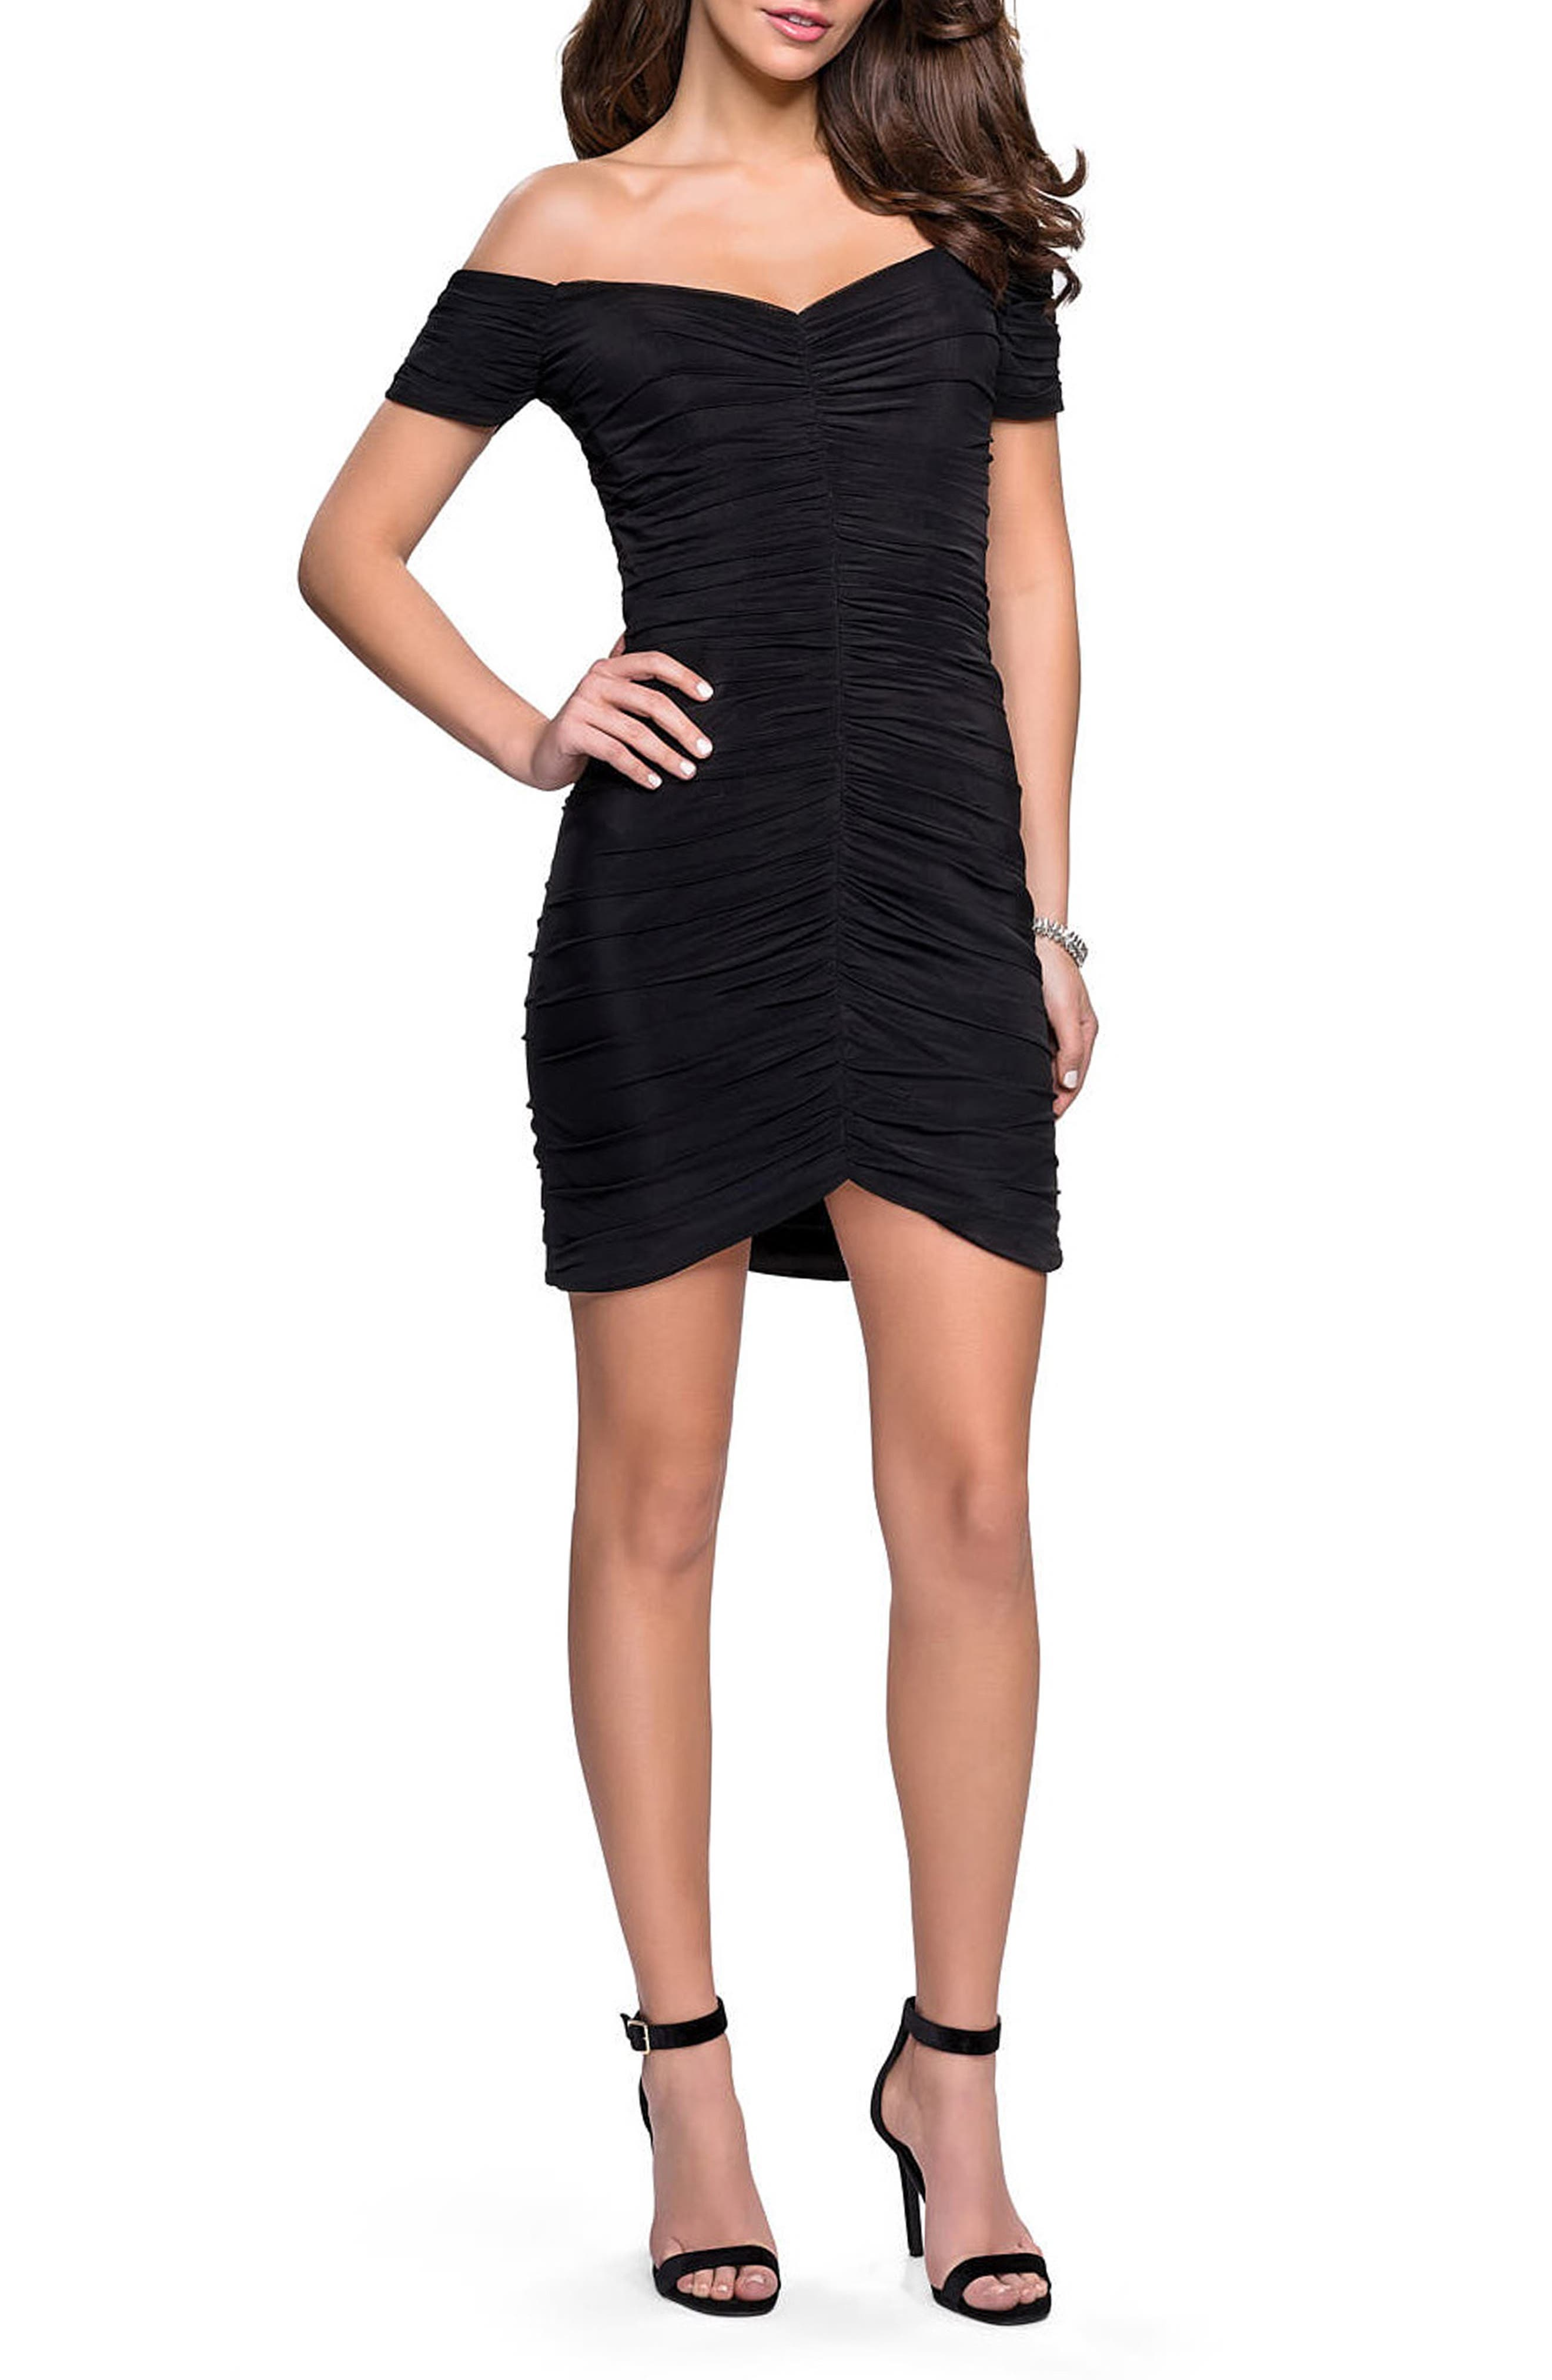 LA FEMME, Off the Shoulder Ruched Party Dress, Main thumbnail 1, color, BLACK